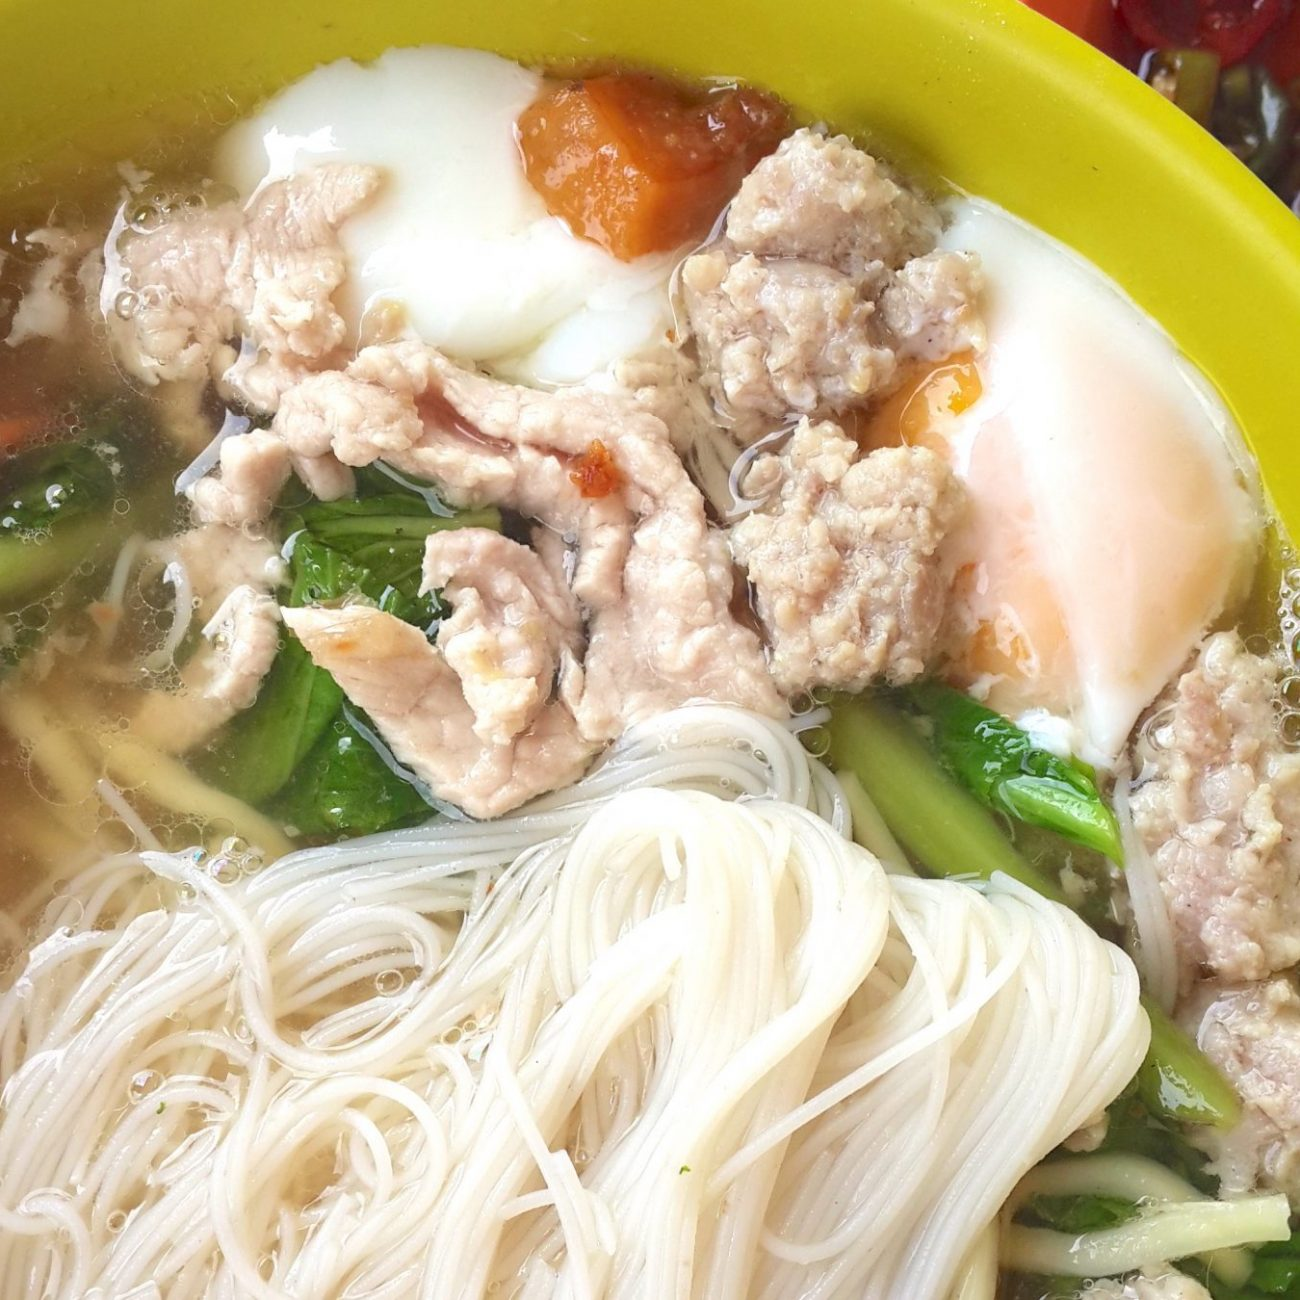 Pork Noodles (猪肉粉 Zhu Yoke Fun)